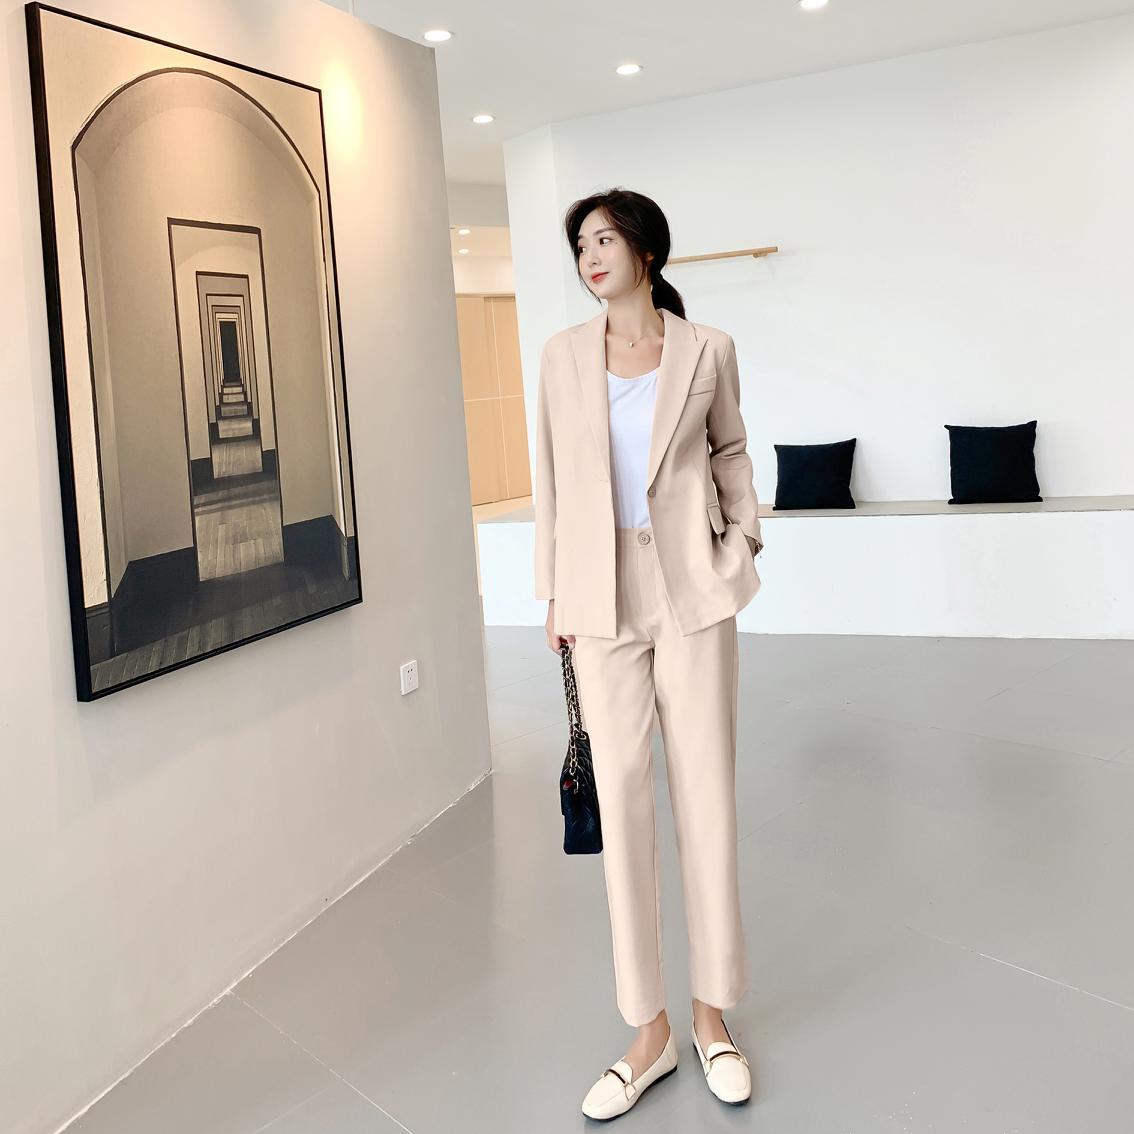 Autumn Winter Women Lace Up Pant Suit Notched Blazer Jacket &  Office Wear  Female Sets